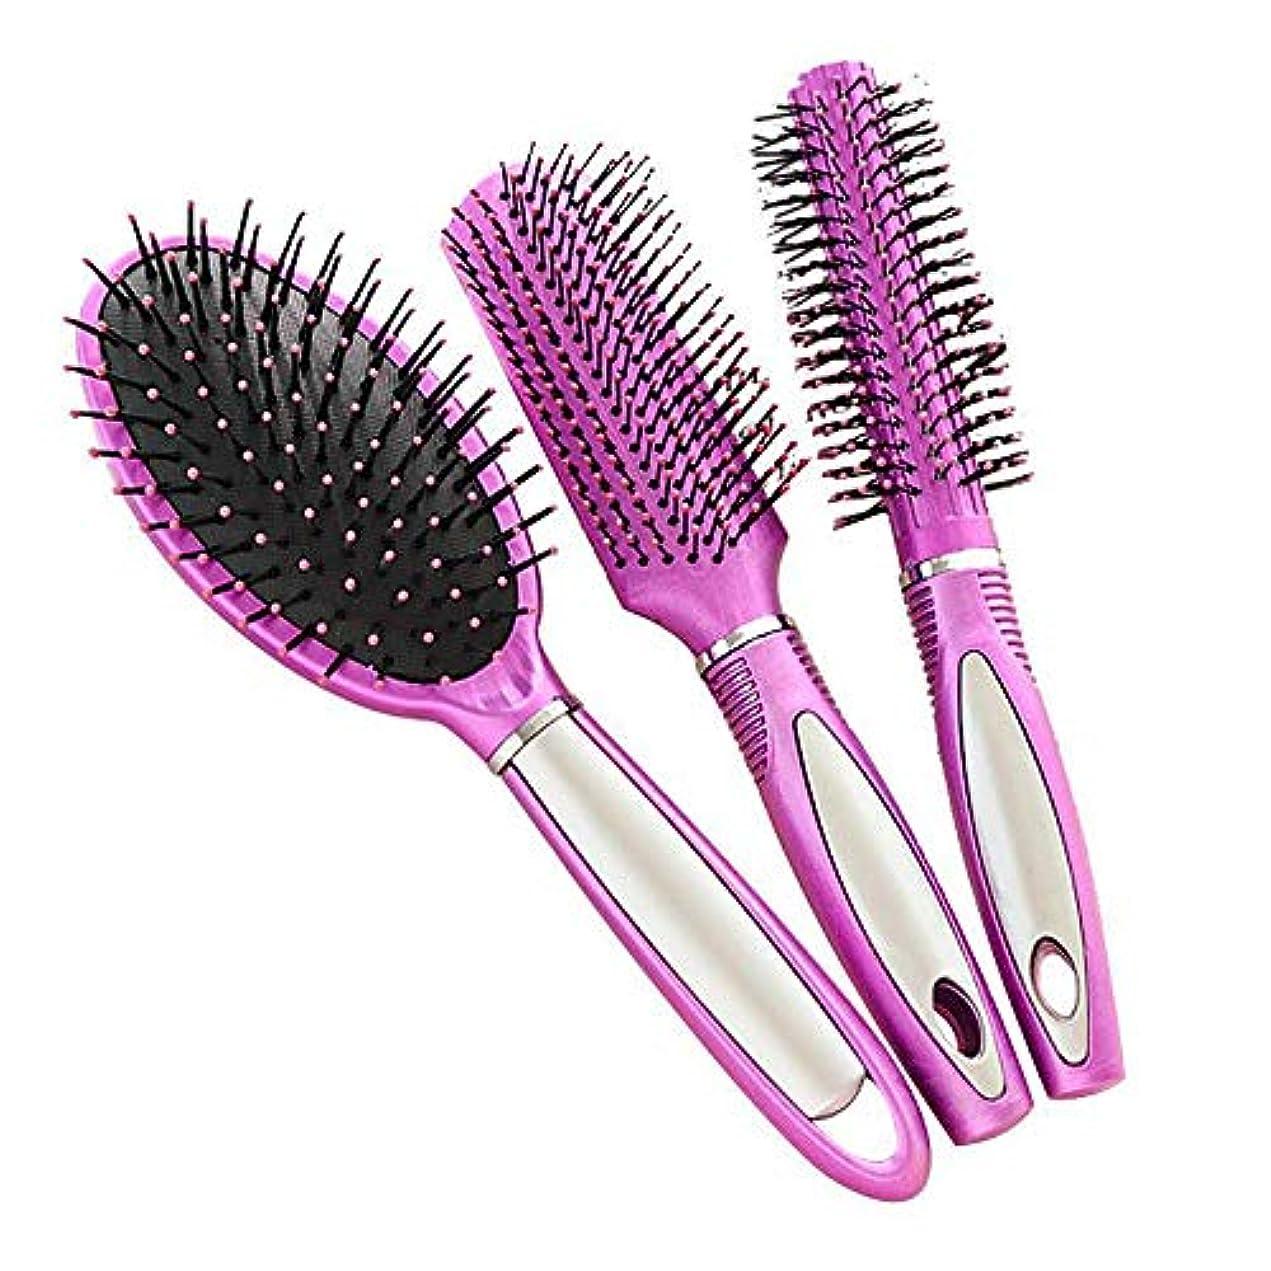 並外れて寛容悪質な帯電防止プラスチック製のヘアブラシ、すべての髪の種類のためのヘアマッサージDetangler(3PCS)